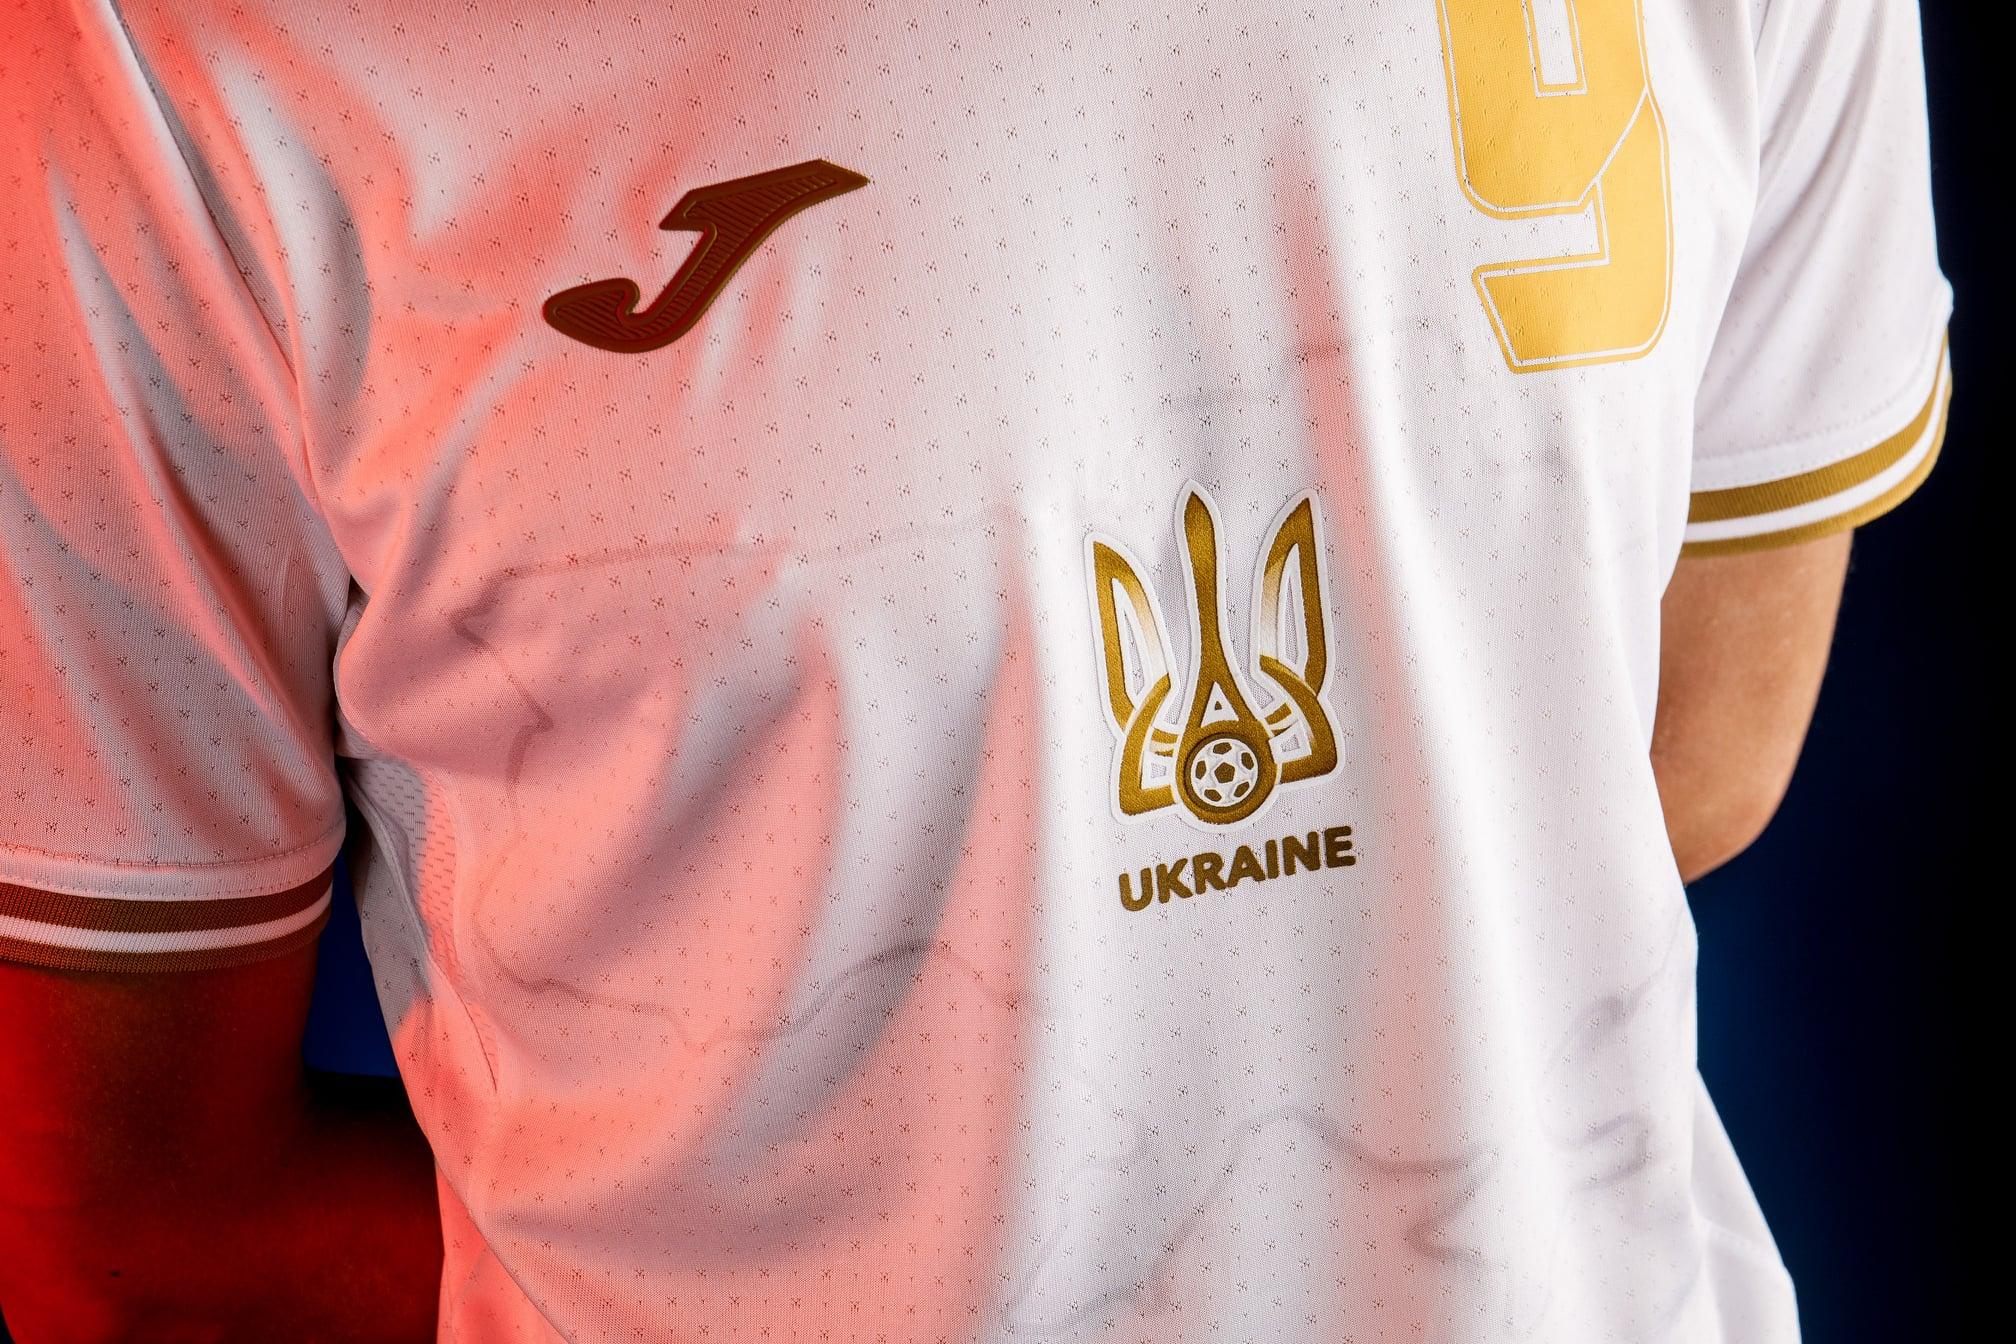 Украине посоветовали прославлять свою страну достижениями, а не националистическими лозунгами